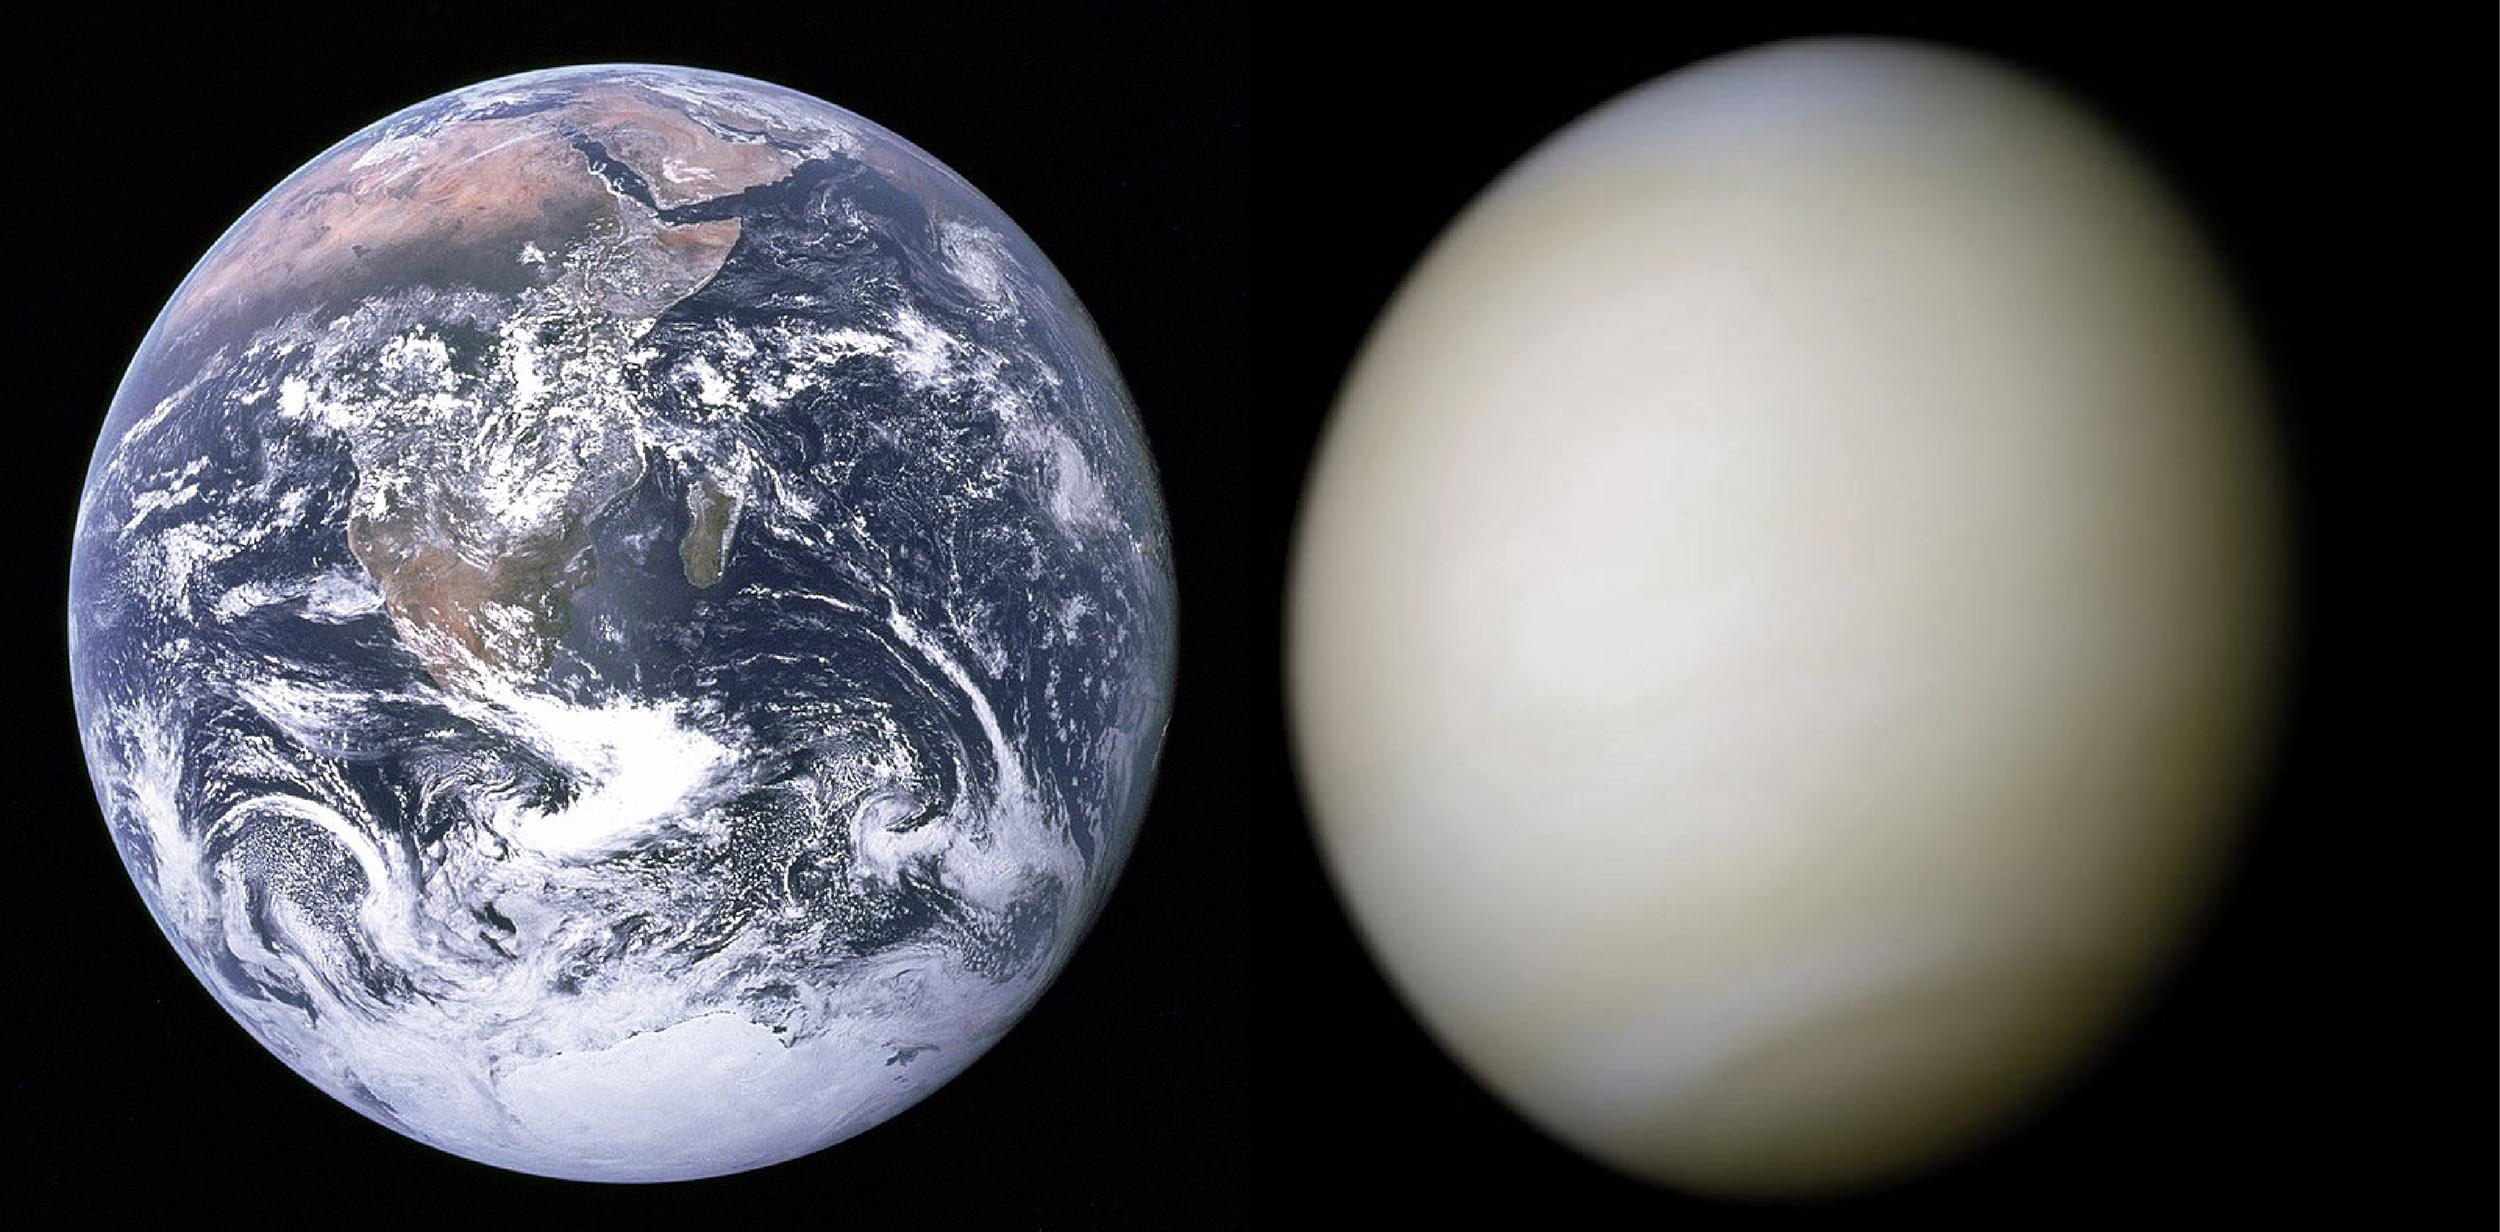 (左圖)地球的雲是白色的,雲的厚度較沒那麼厚。(右圖)金星表面被厚厚的硫酸雲遮蓋,雲的顏色較沒那麼白。圖│NASA(地球)、NASA(金星)